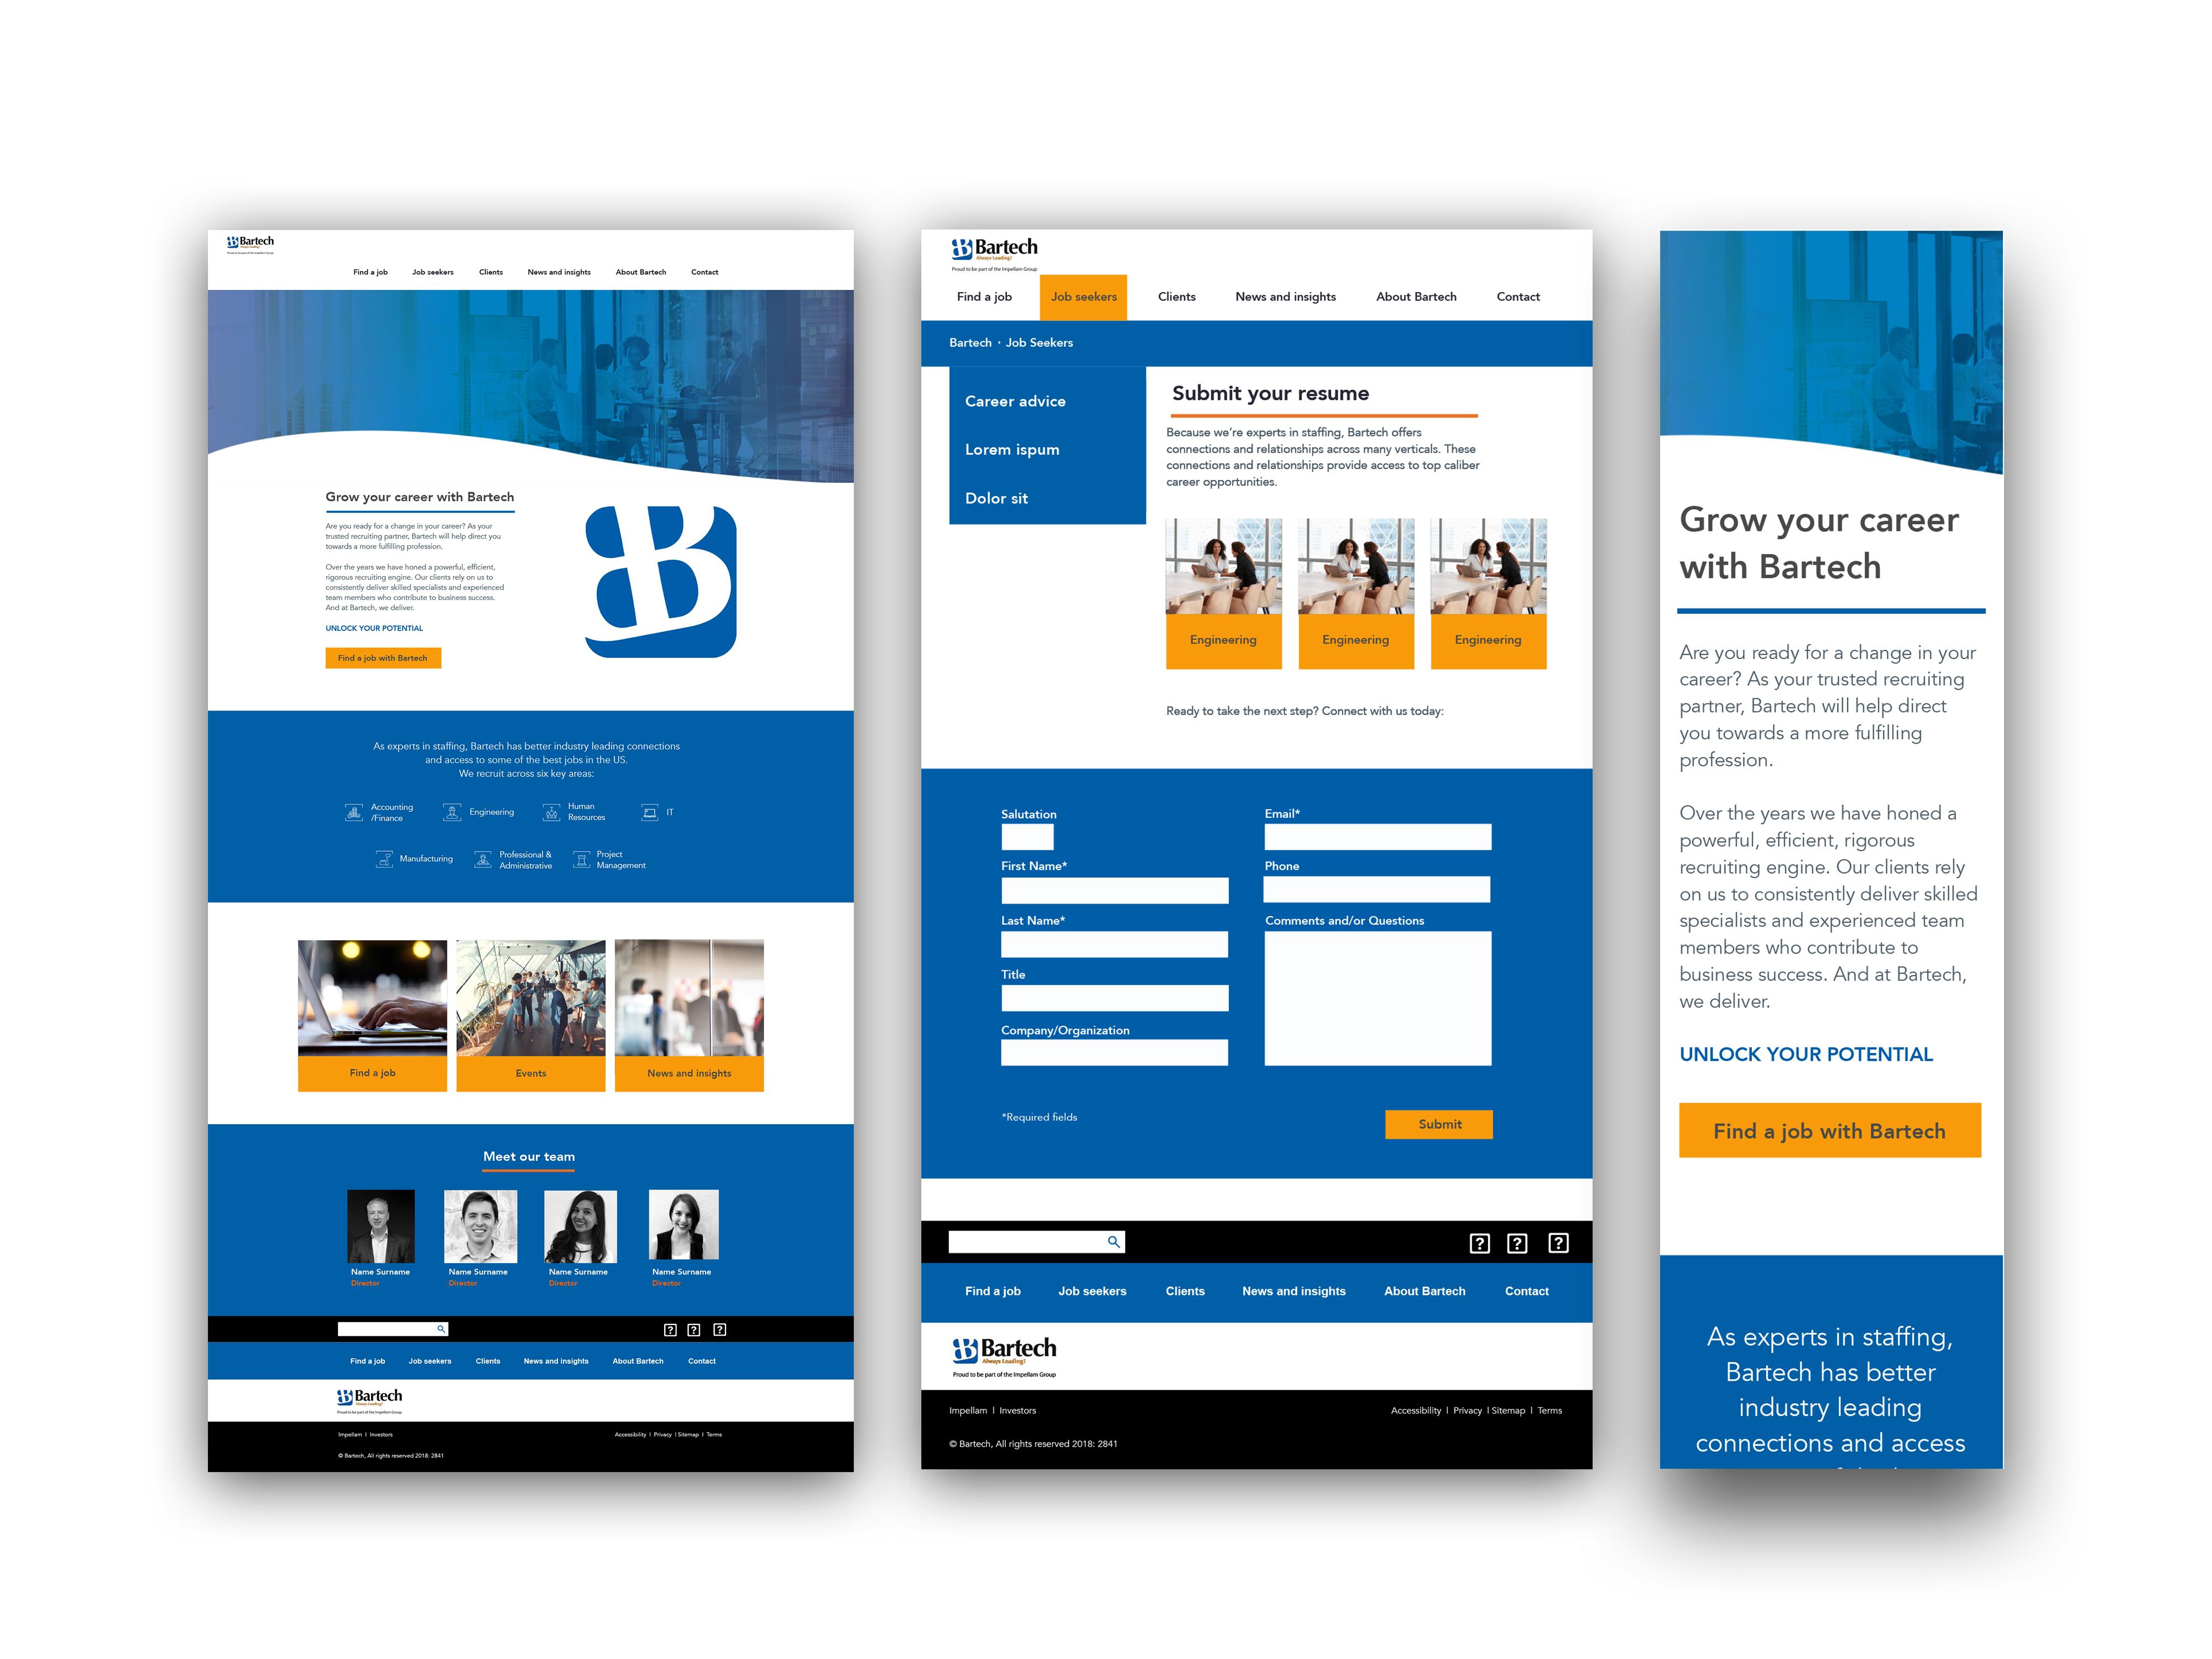 Bartech website desktop and mobile mockup